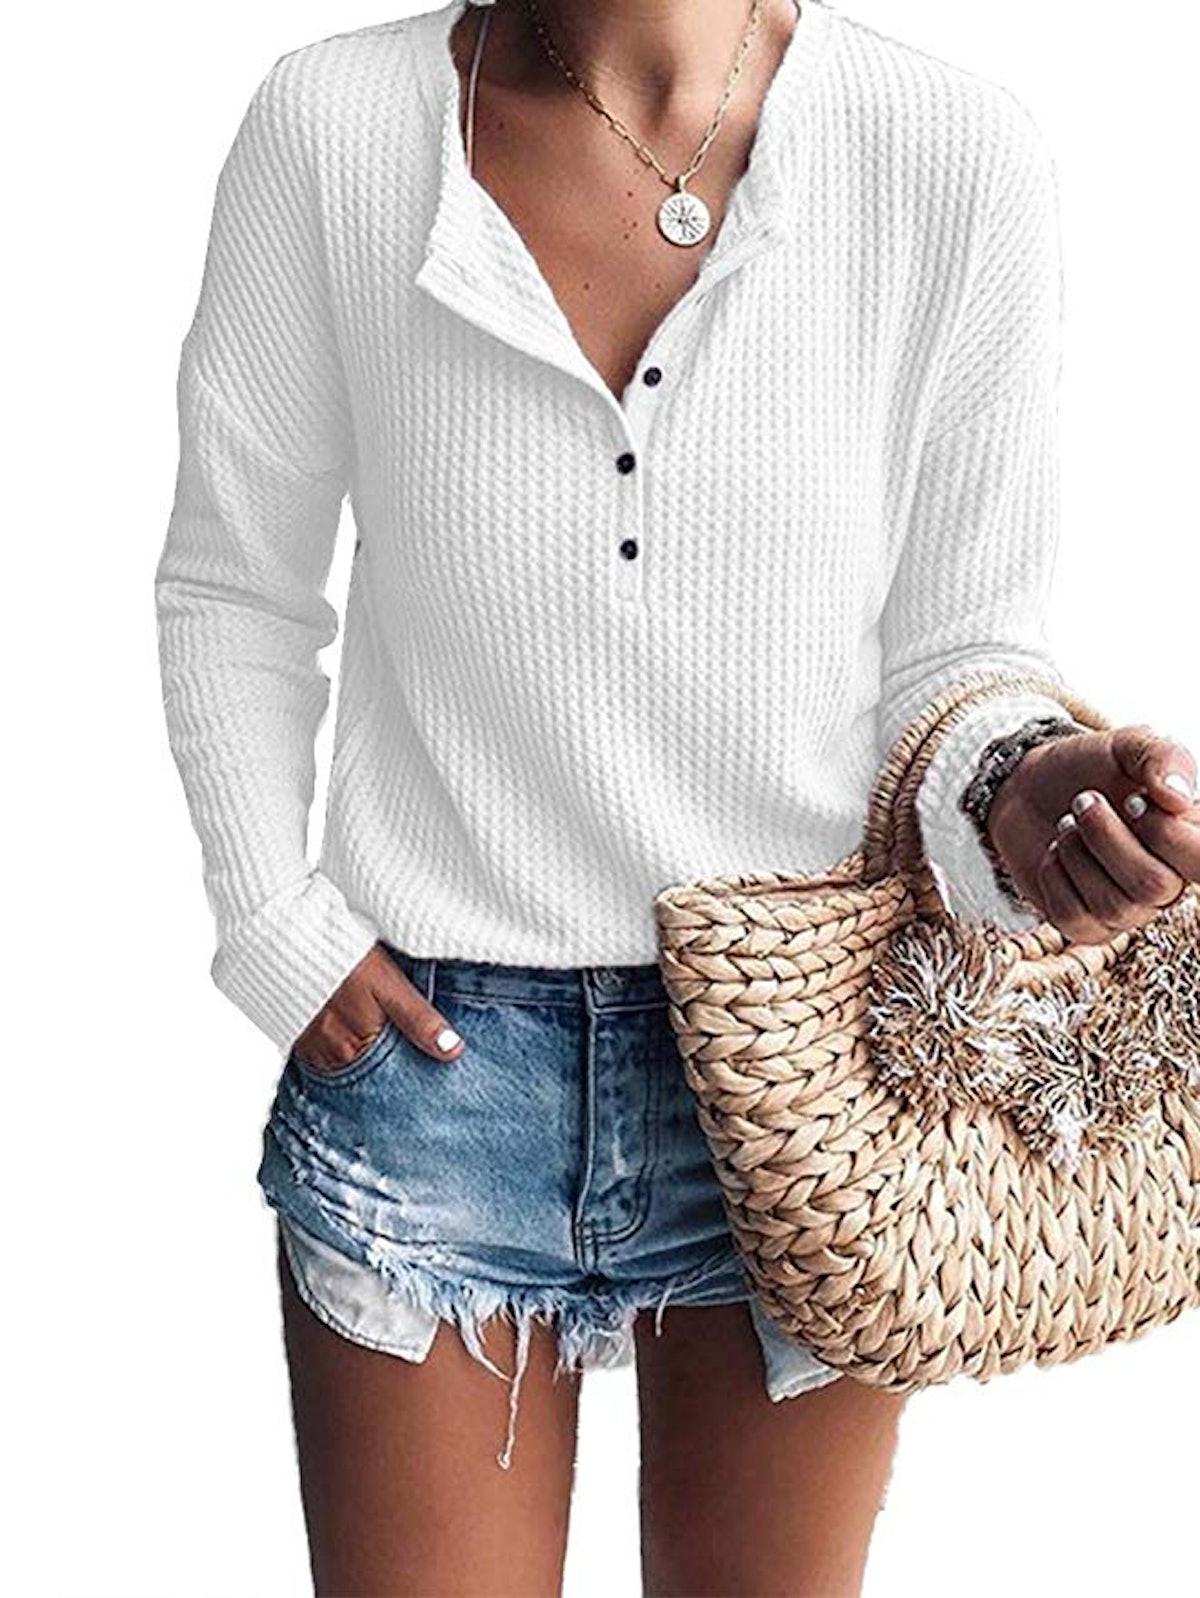 Famulily Women's Waffle Knit Tunic Top